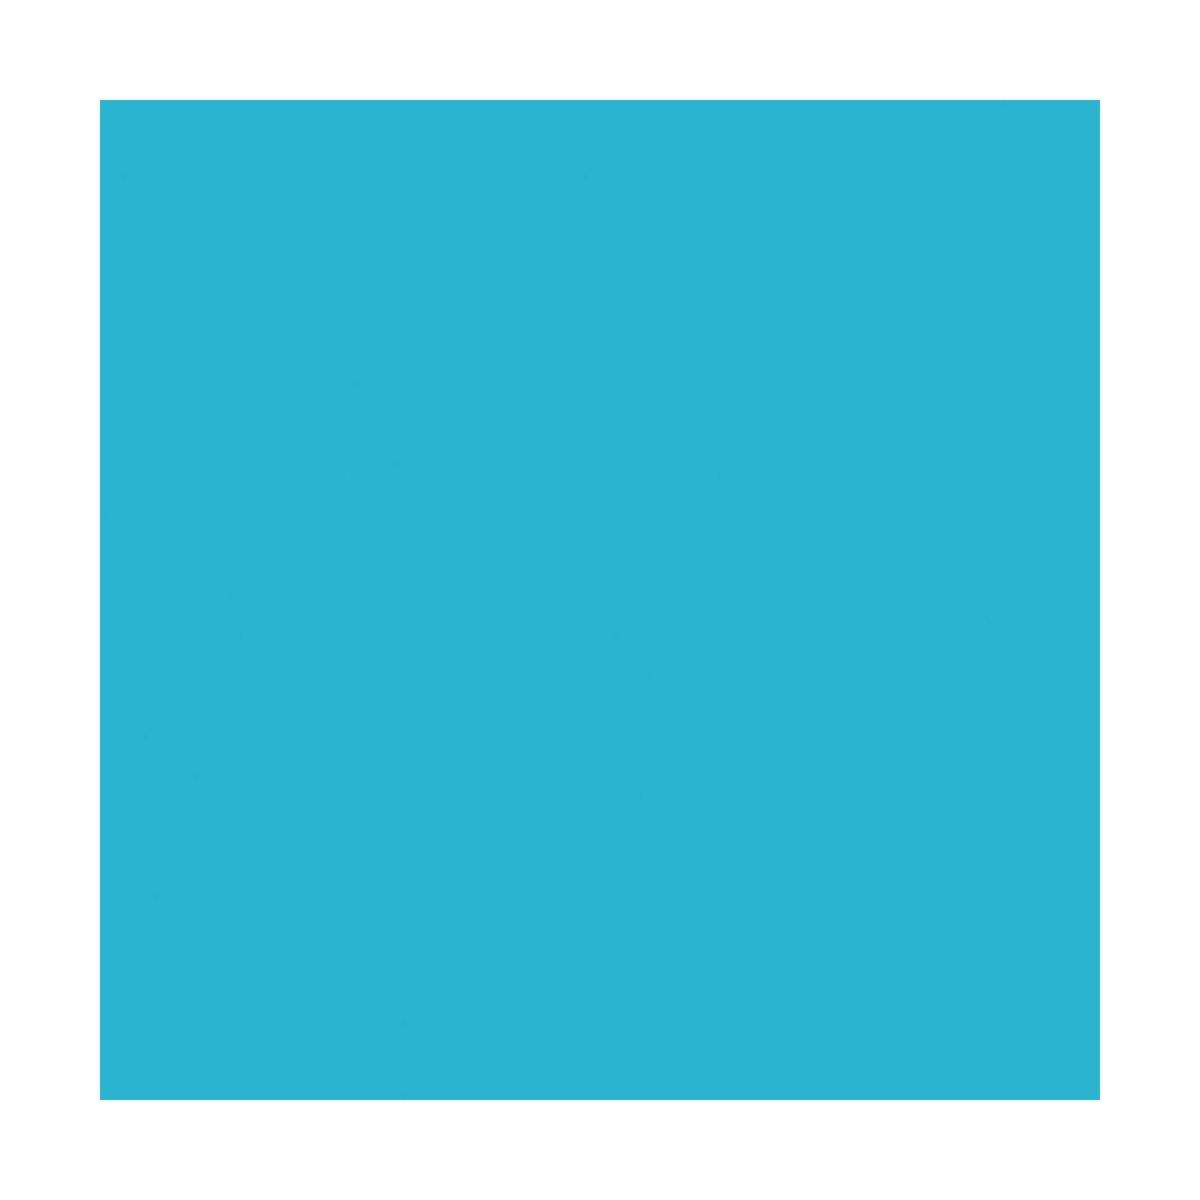 bd_backgrounds_173_cortez_blue_02